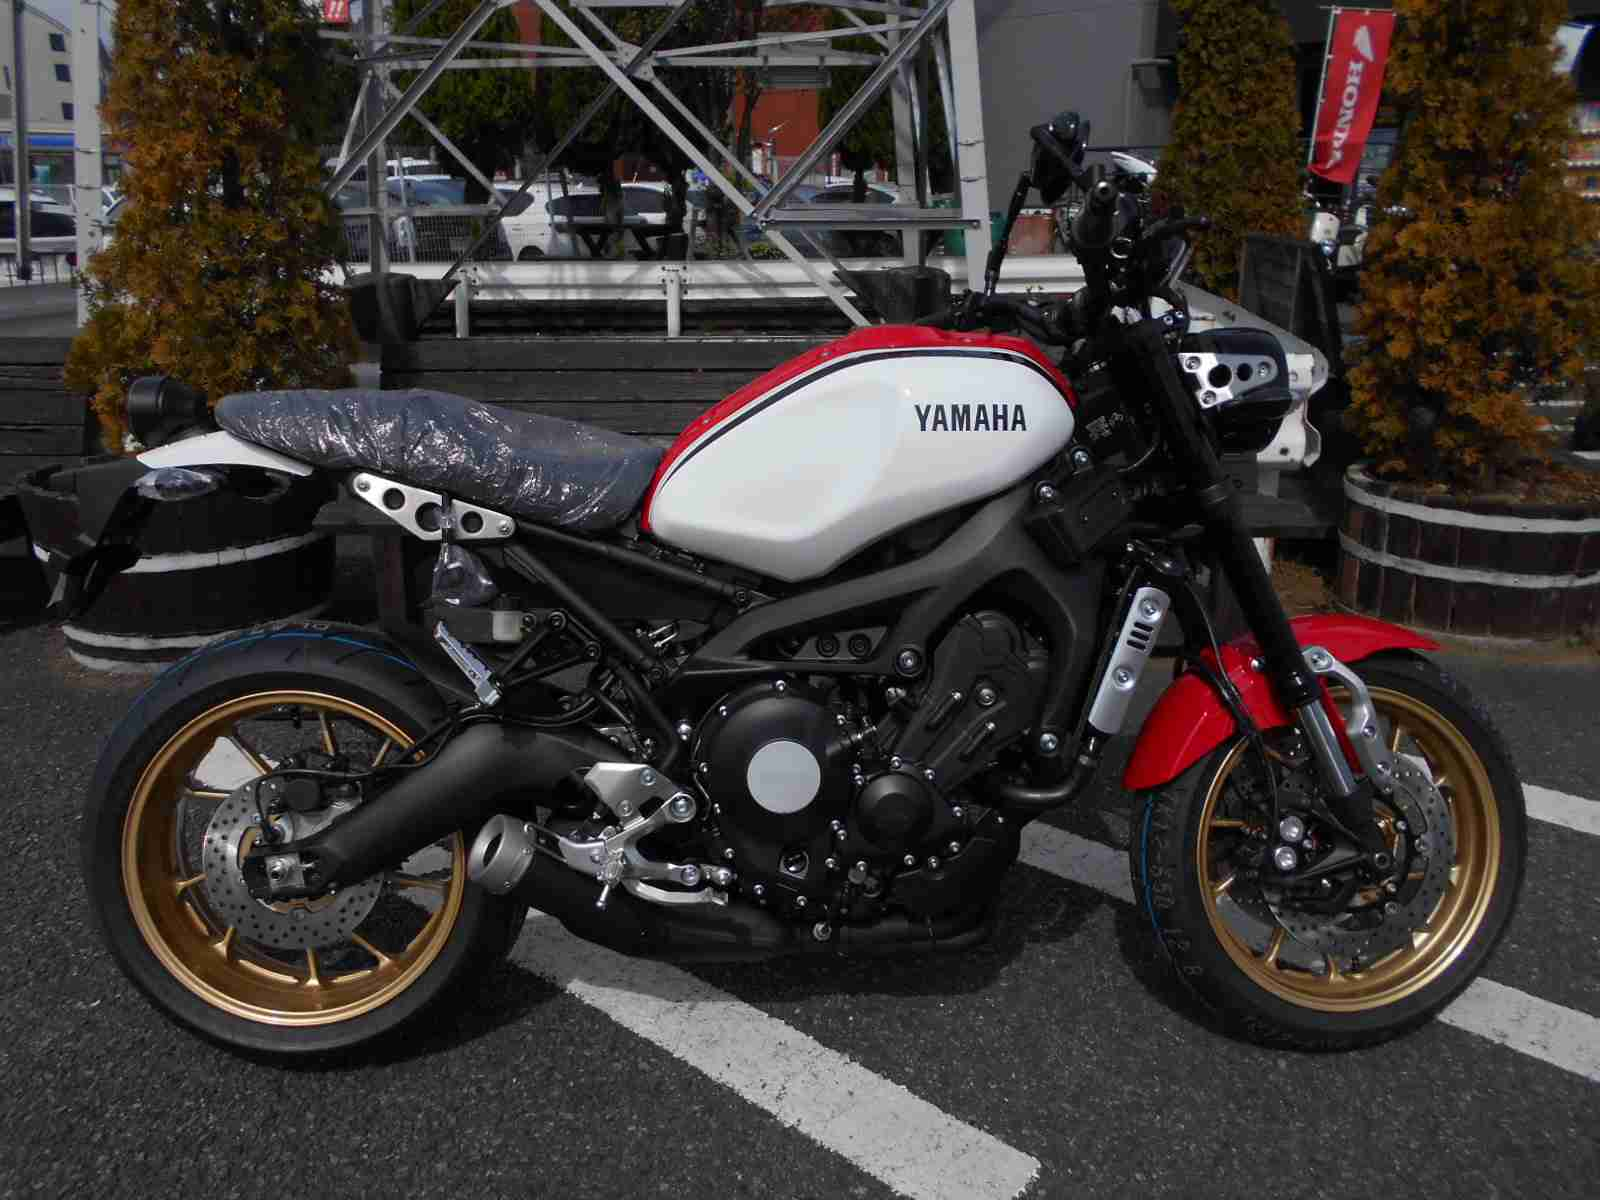 バイク一覧 バイク探し U Media ユーメディア 中古バイク 新車バイク探しの決定版 神奈川 東京でバイク探すならユーメディア